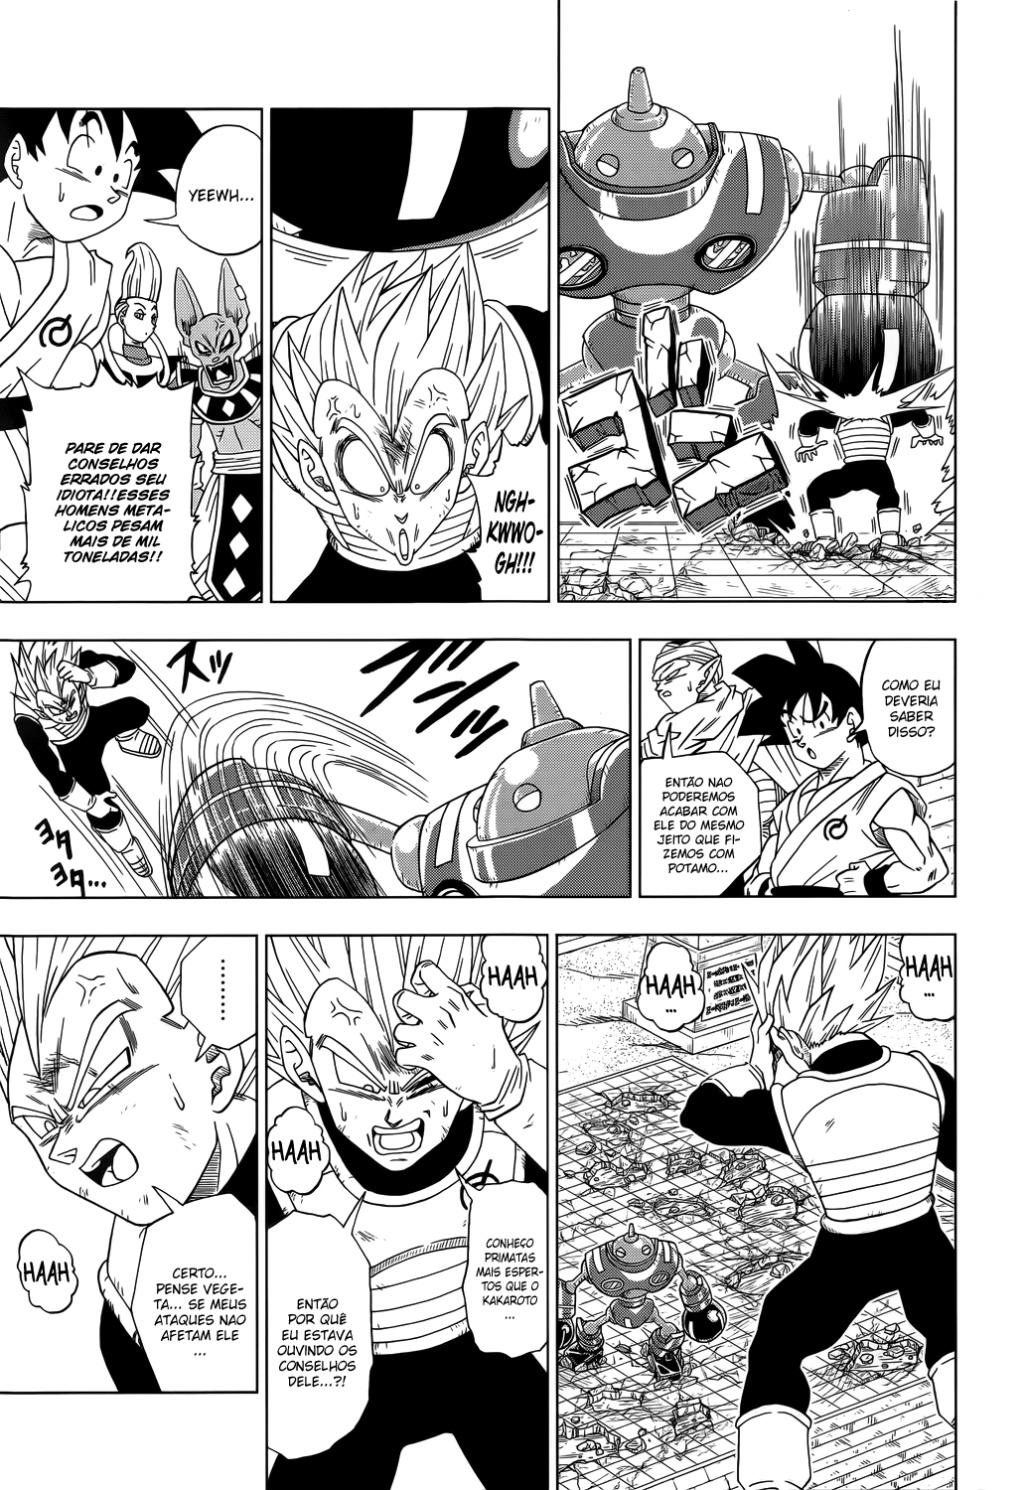 Faz sentido os Fans de Animes Falarem que se Personagem Fraco Vencer Alguém que destrói uma Montanha ele Também destrói uma Montanha? Vegeta11